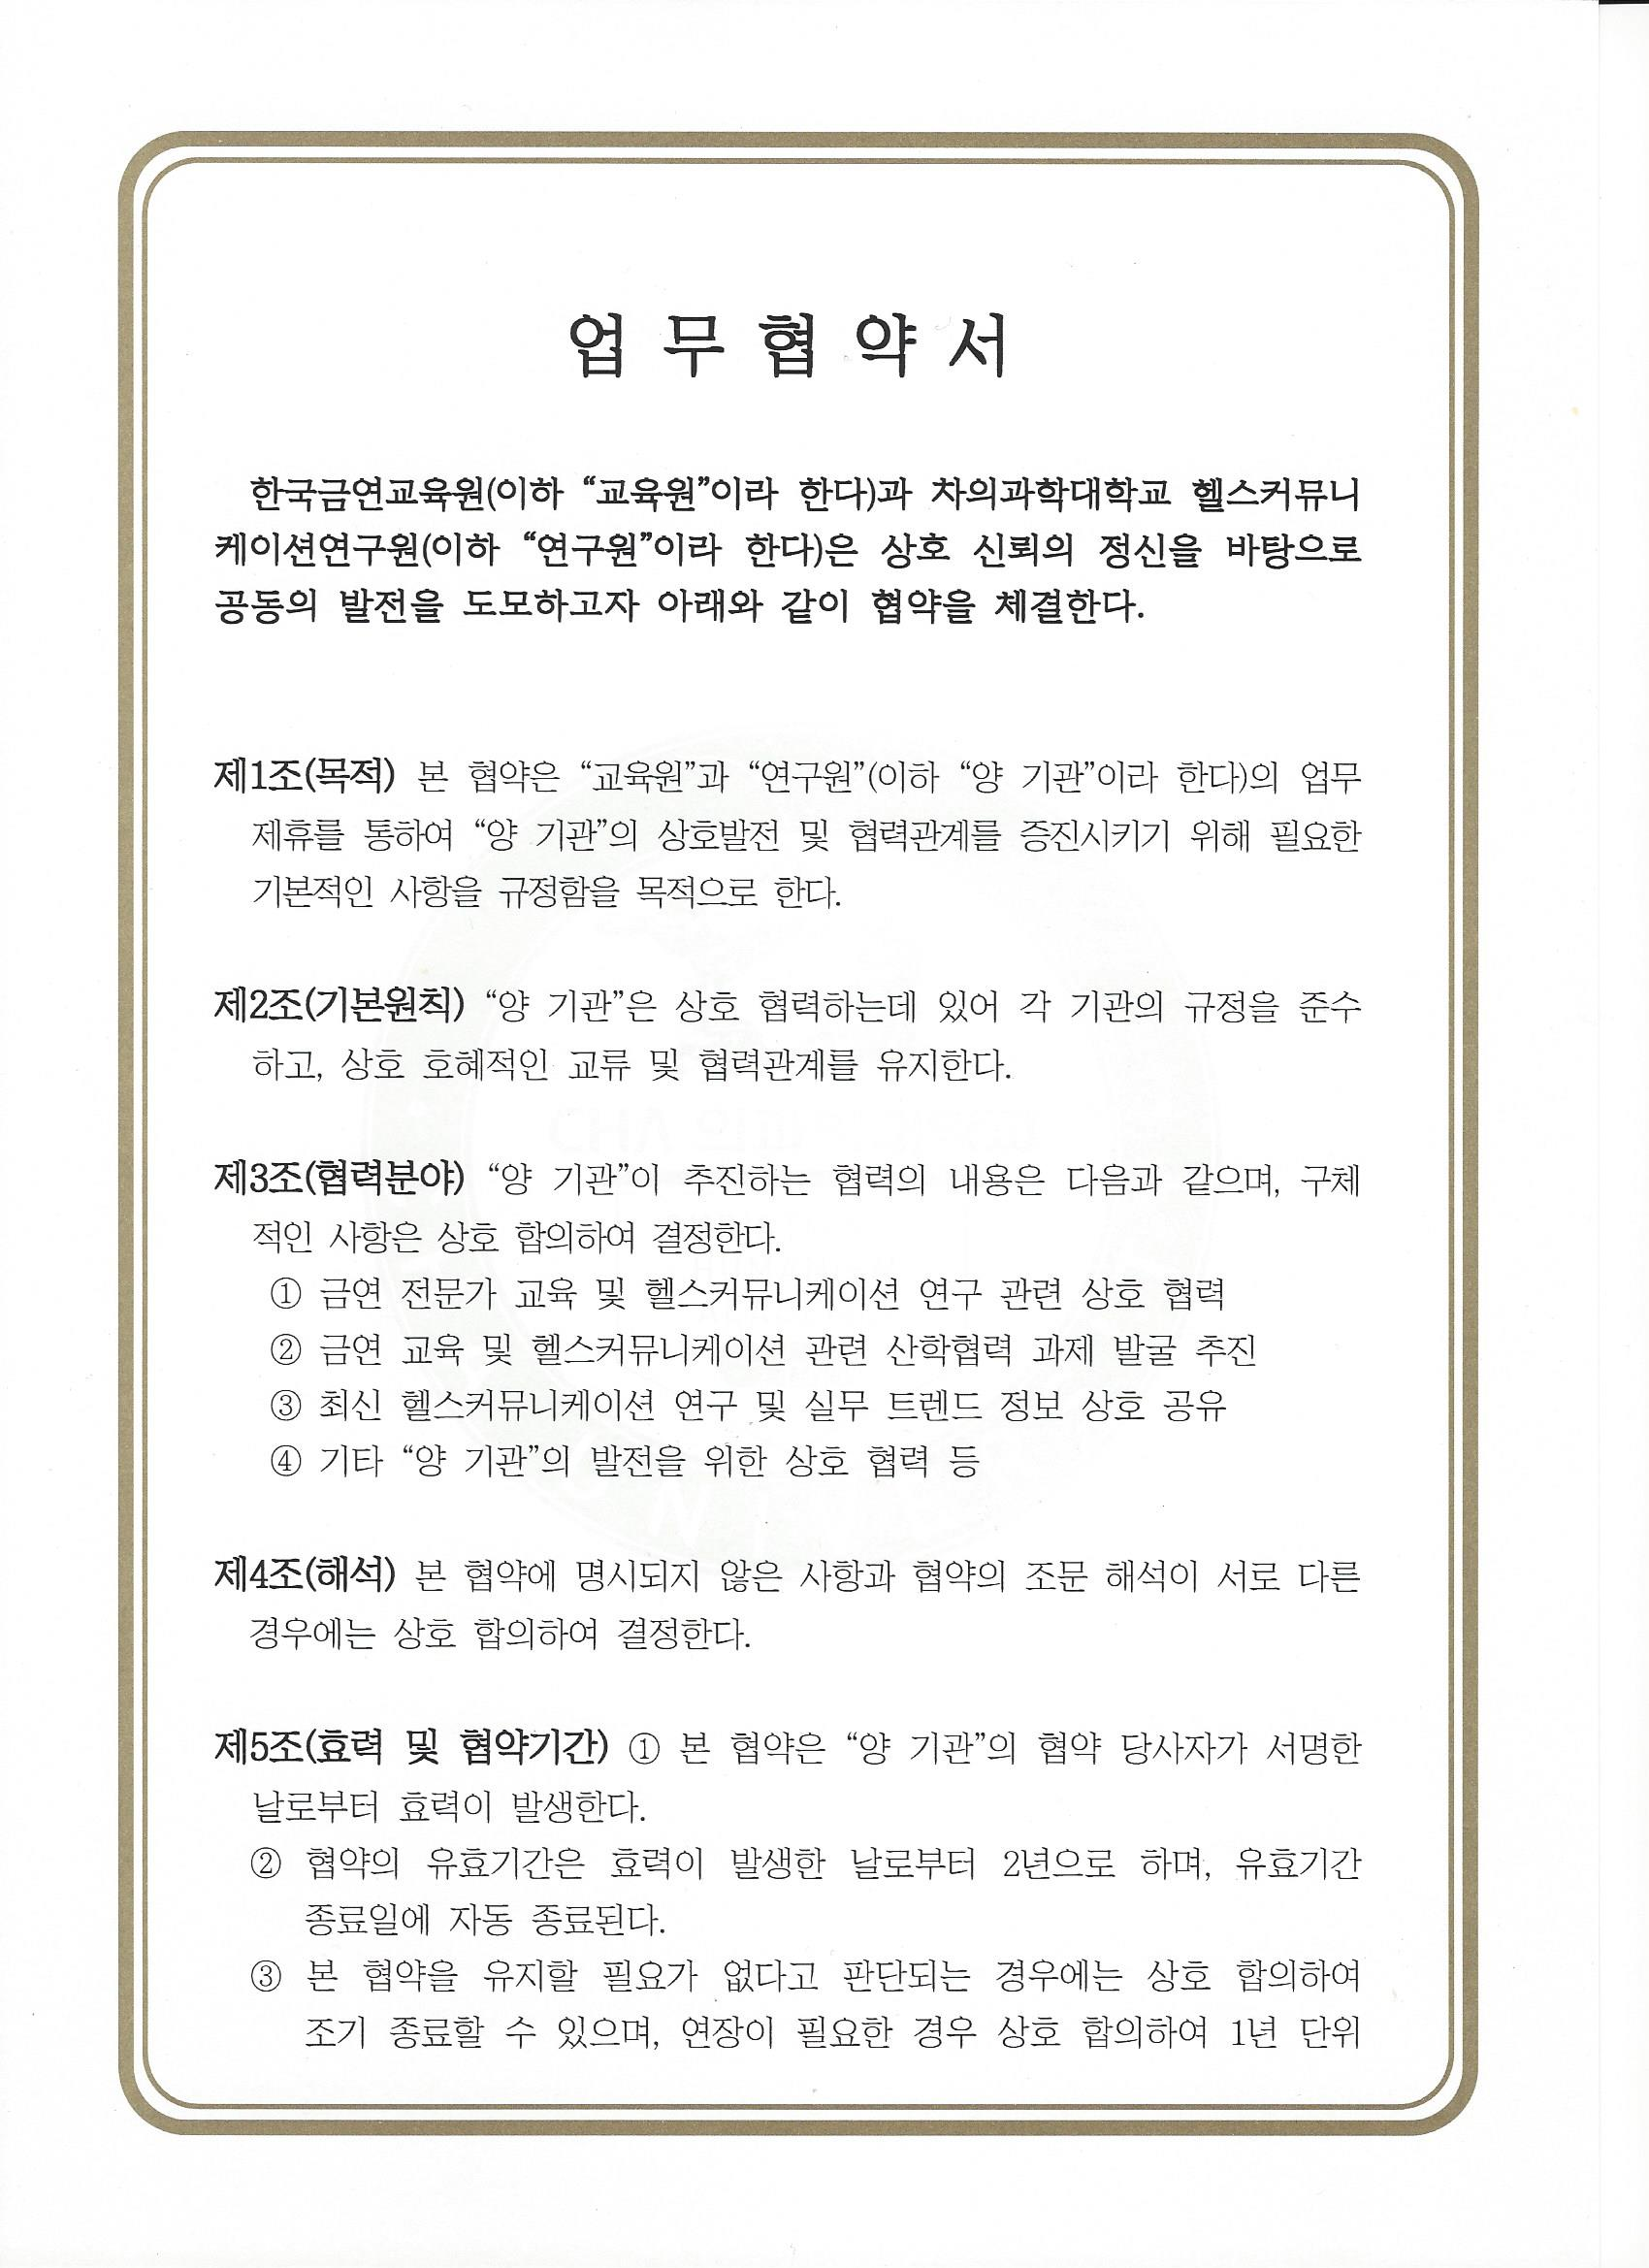 한국금연교육원 차의과학대학교 업무협약서 1.jpg